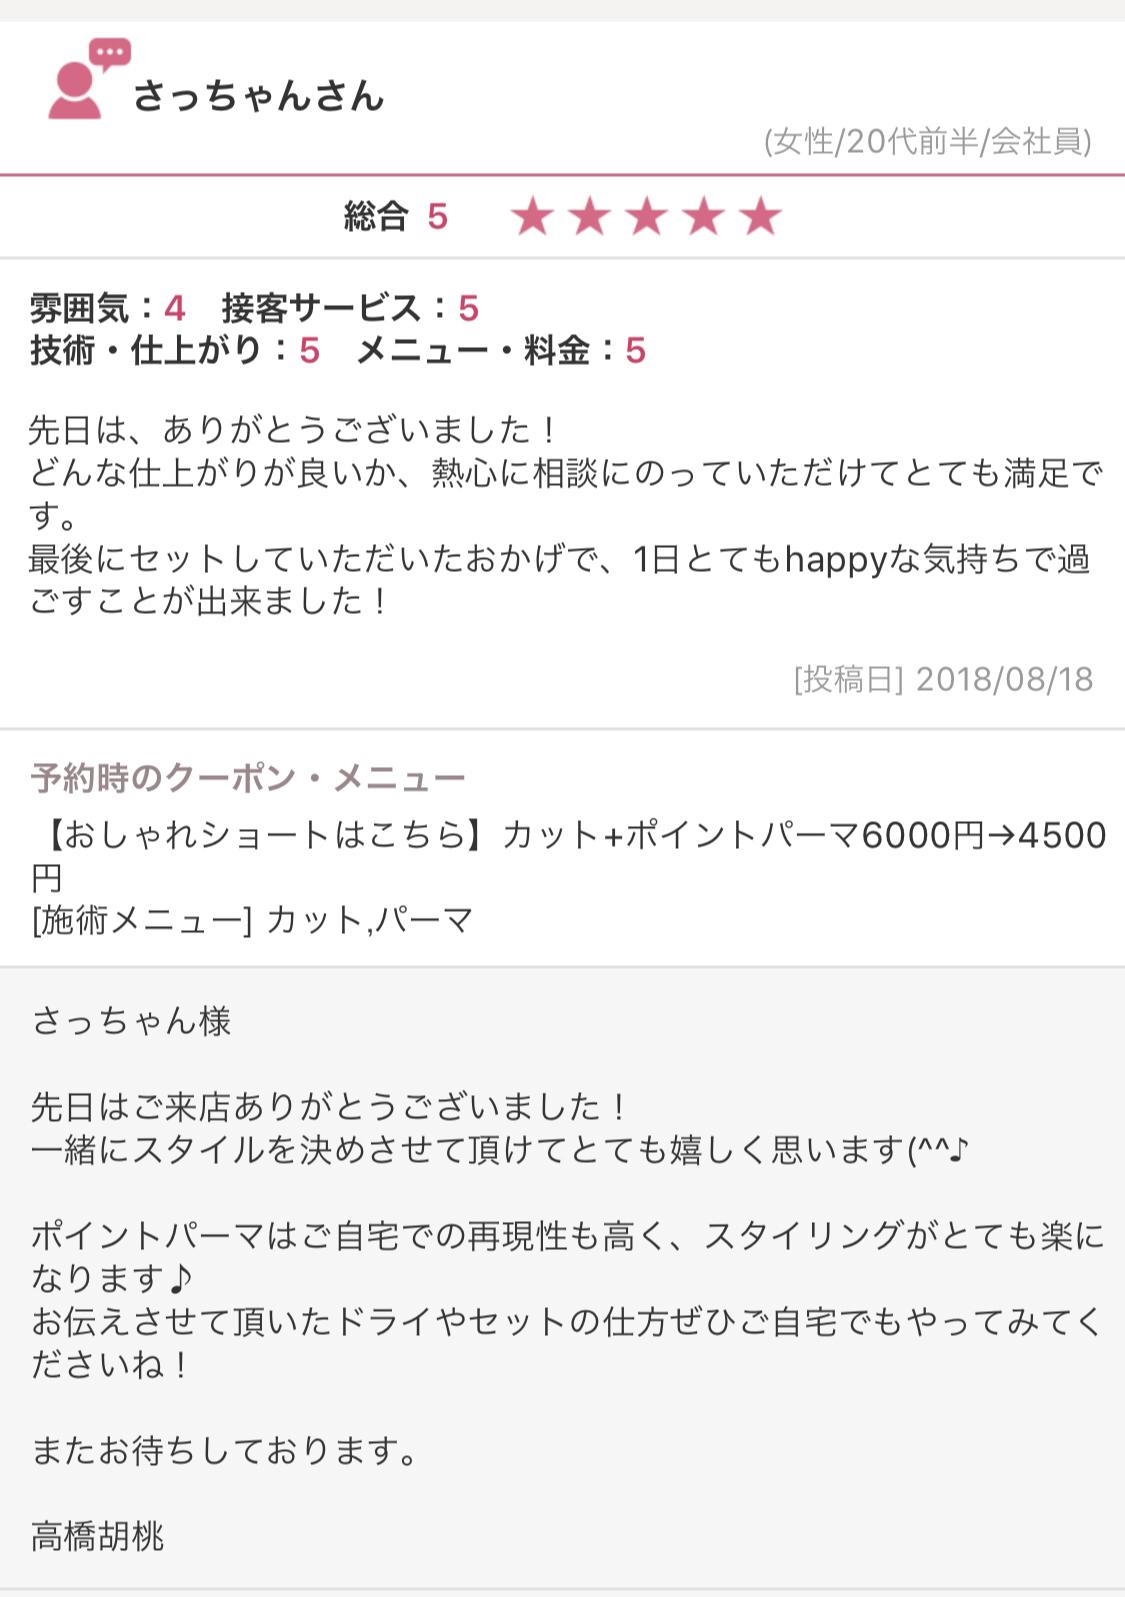 FB125BD7-7973-4098-B6D3-8D632A7B1C9B